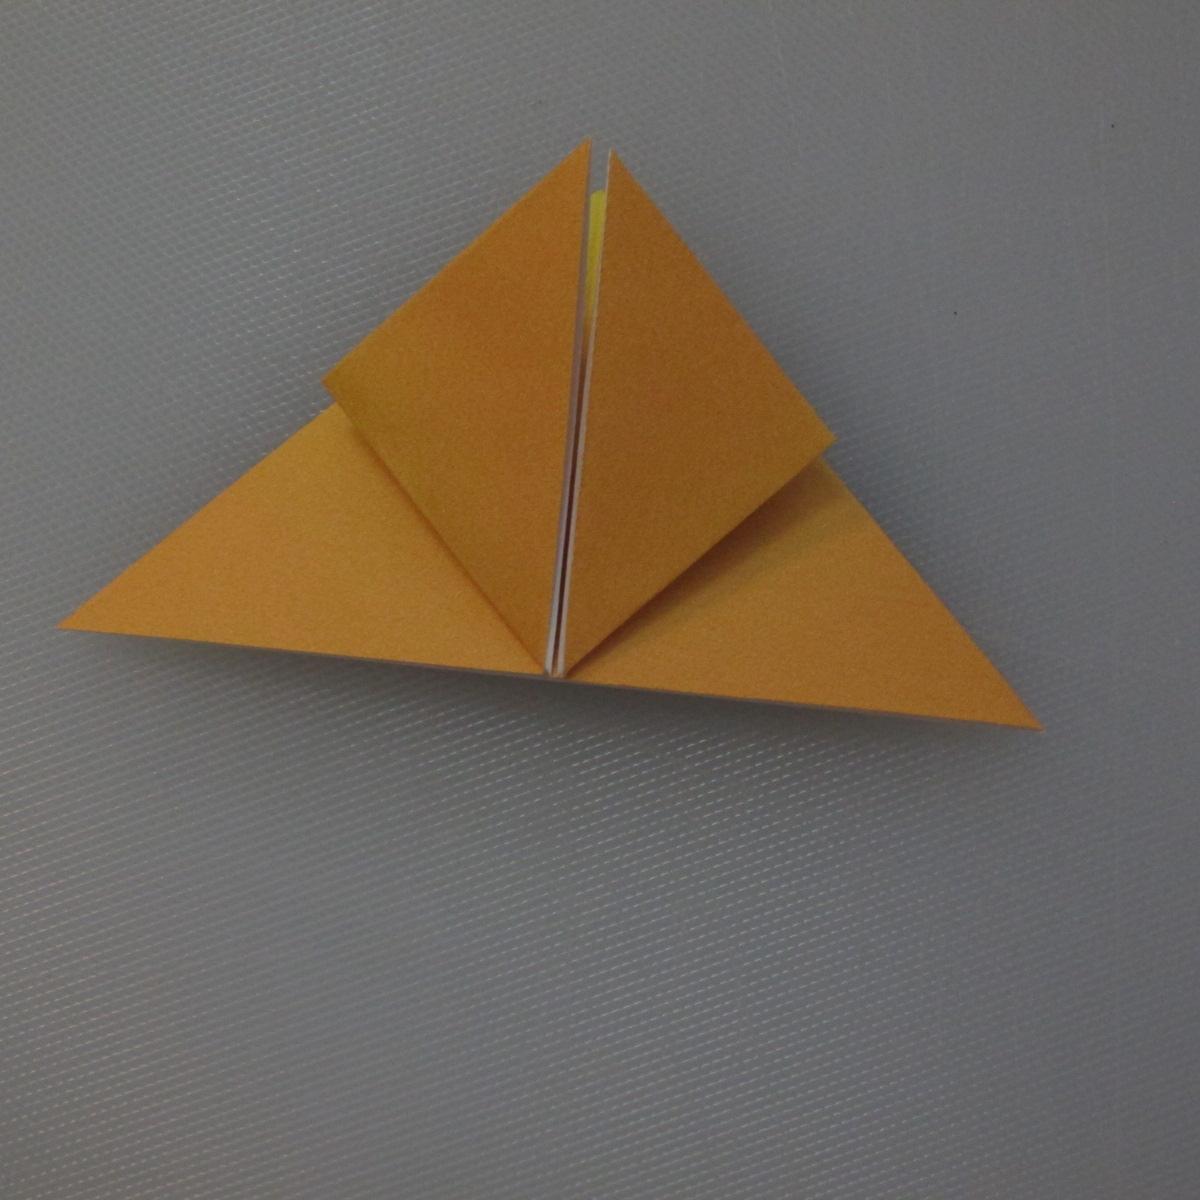 วิธีพับกระดาษเป็นดอกทิวลิป 006